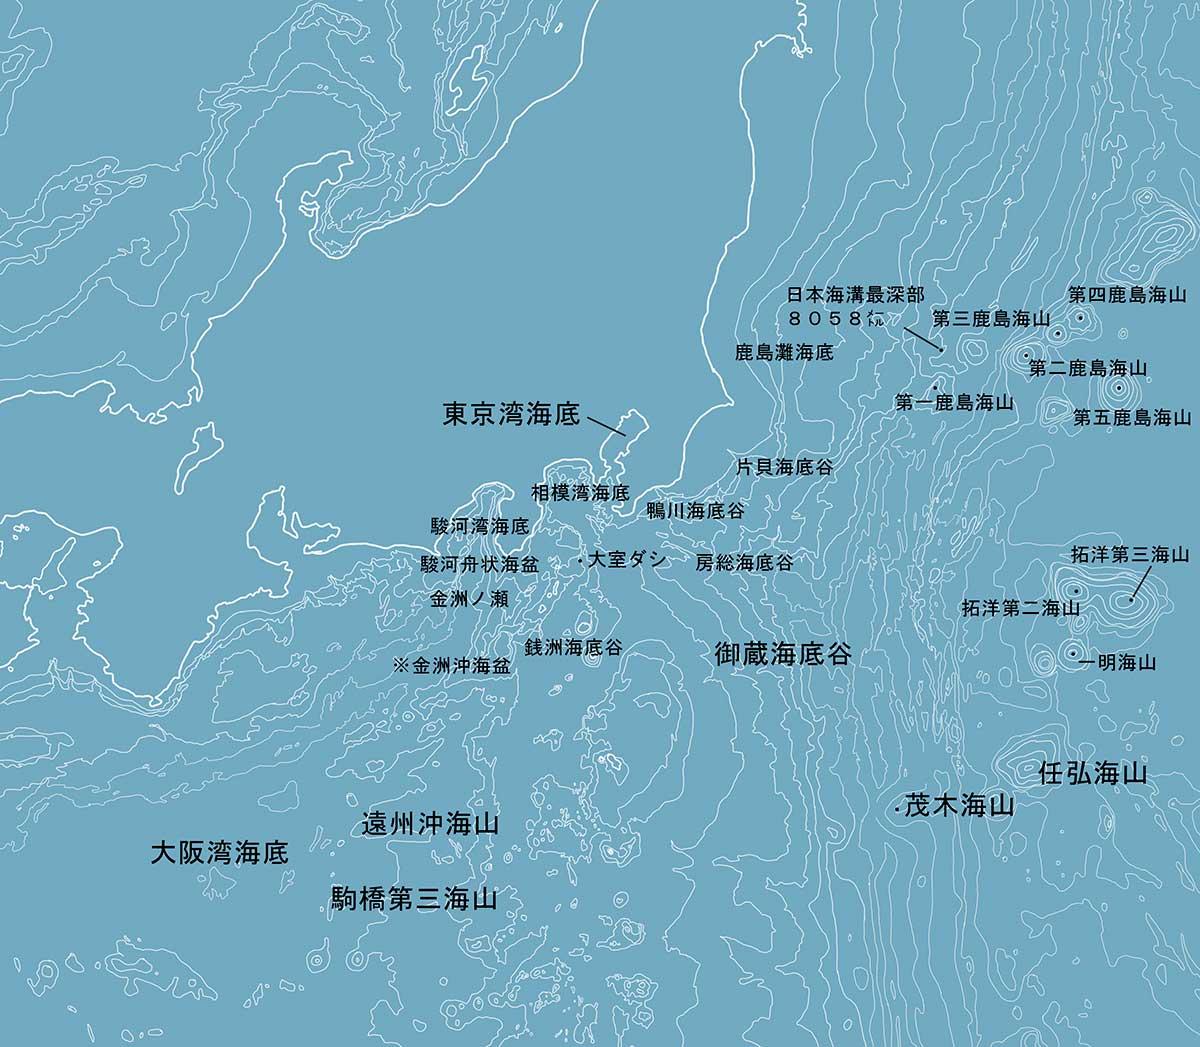 海洋地図にある地形の地殻歪みエネルギー表示一覧